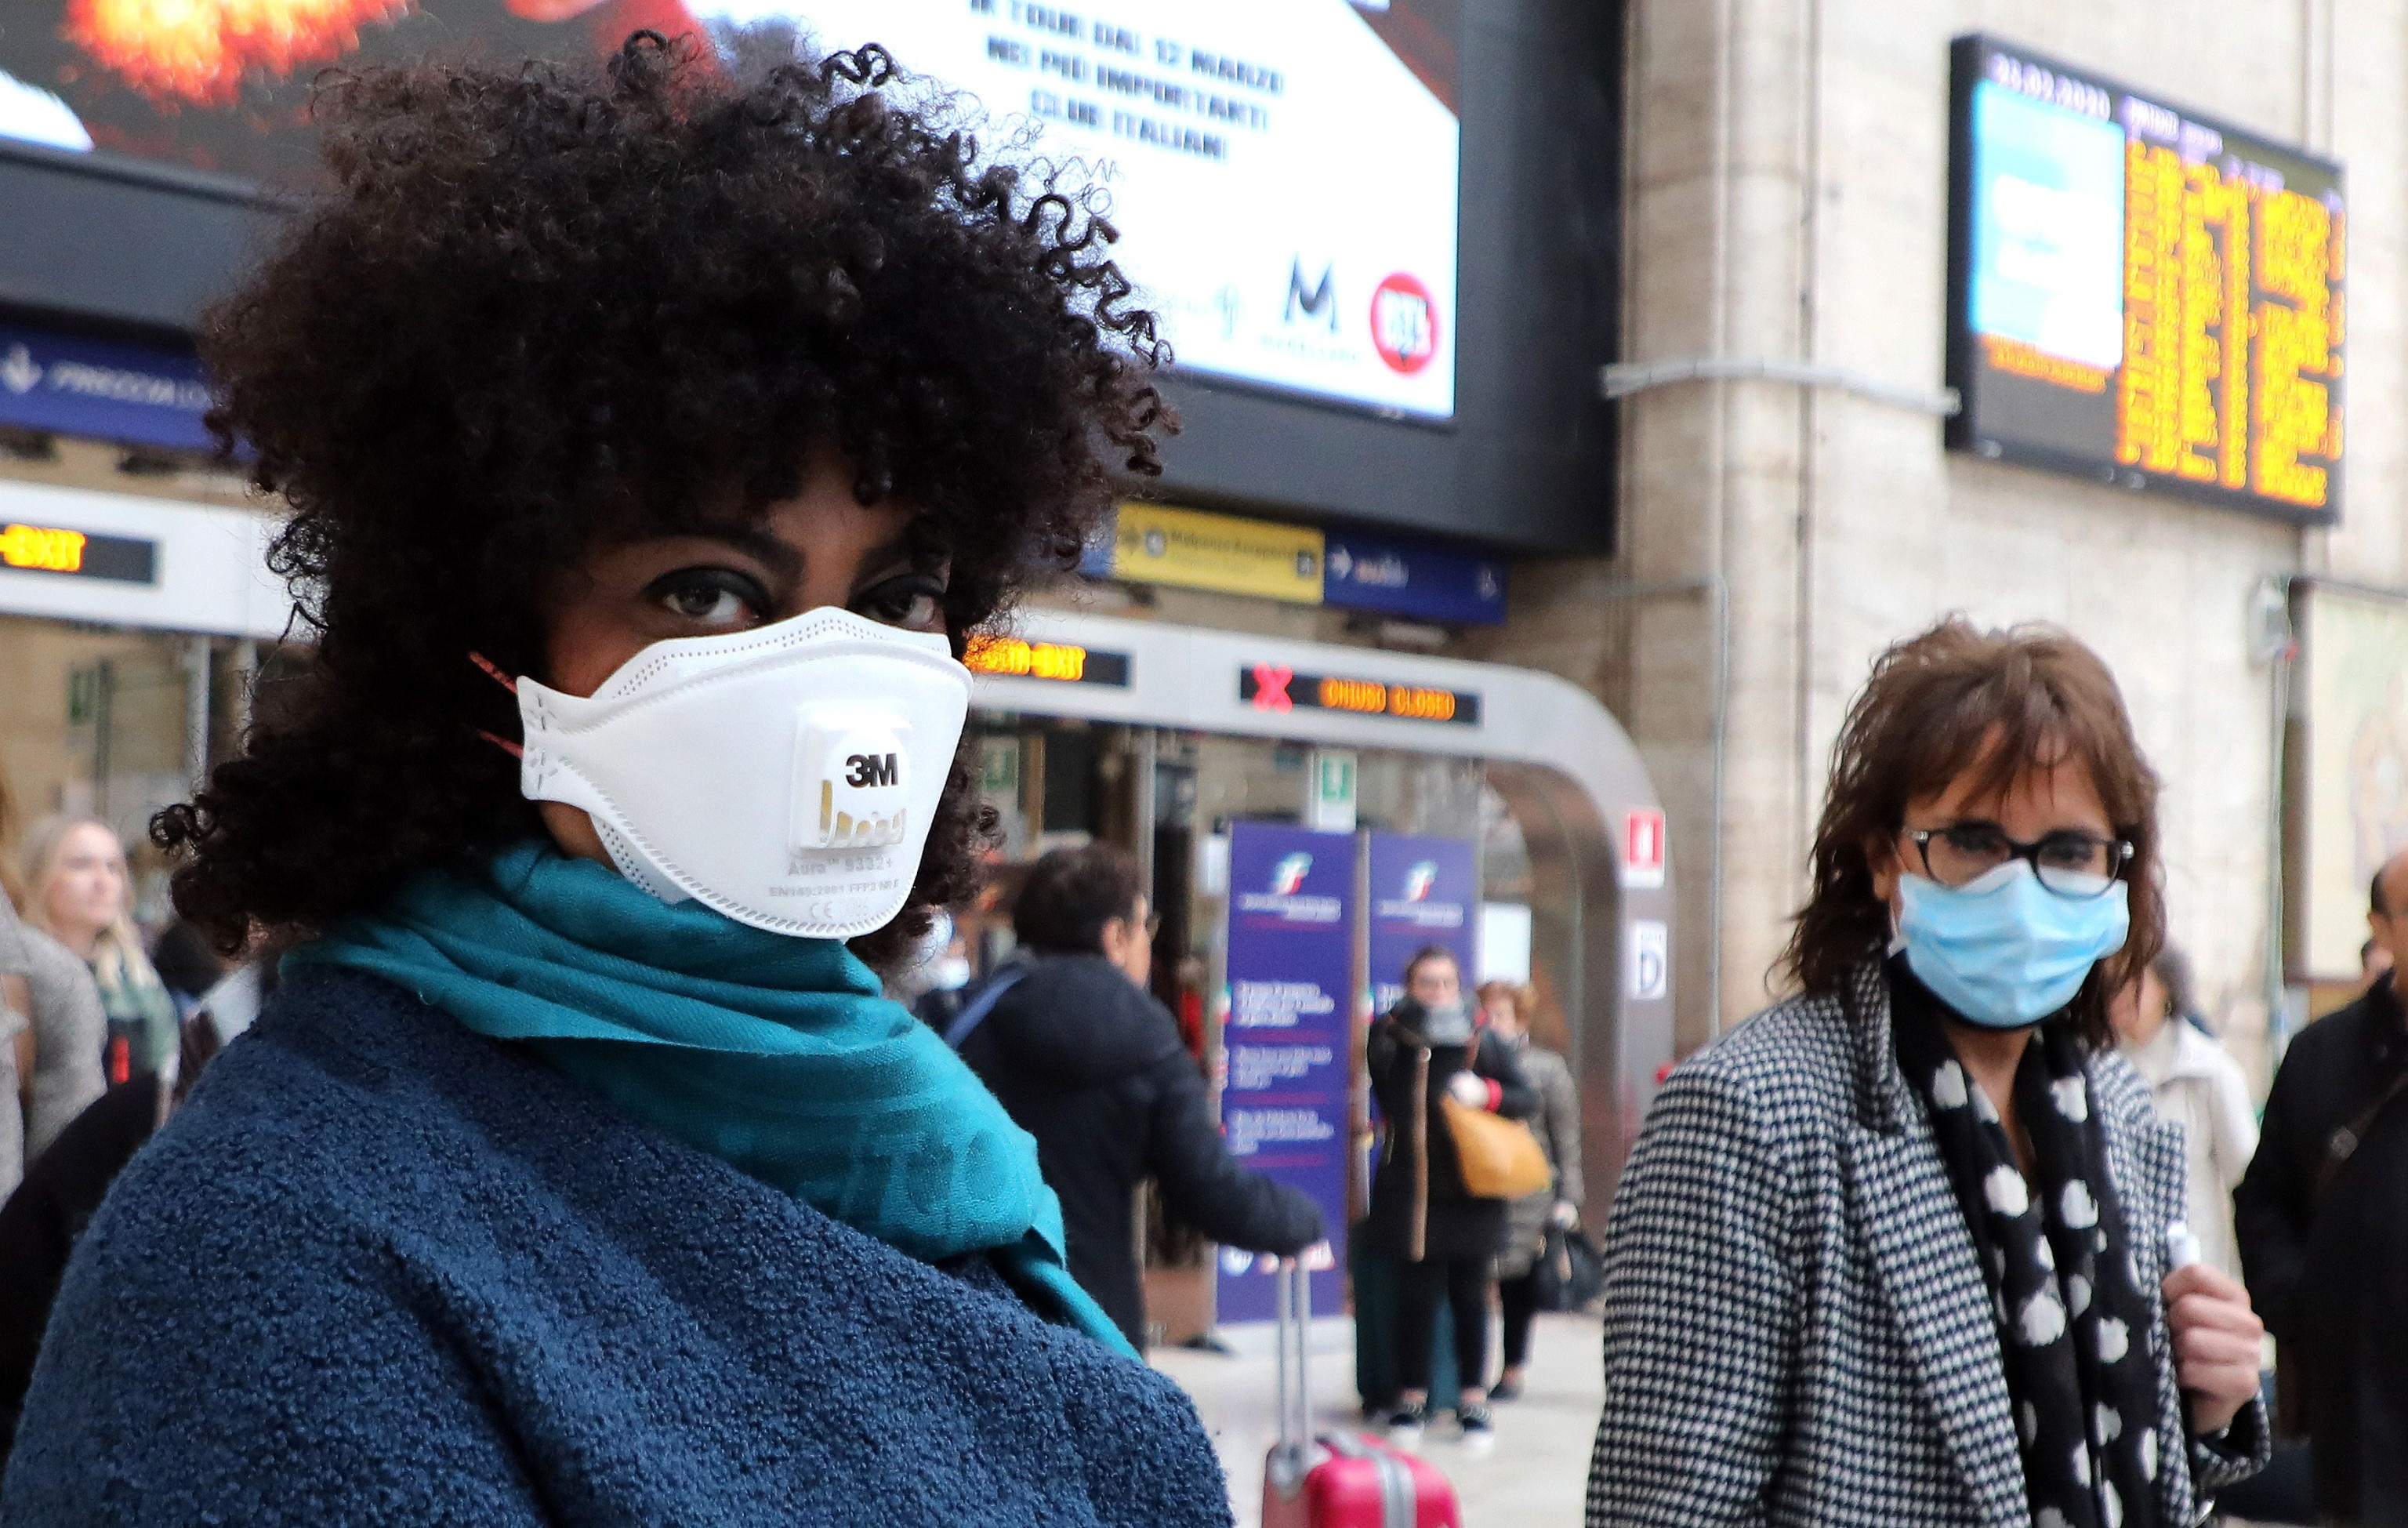 <p>Пътуващите също носят защитни маски за лице, Централна гара, Милано, Италия</p>